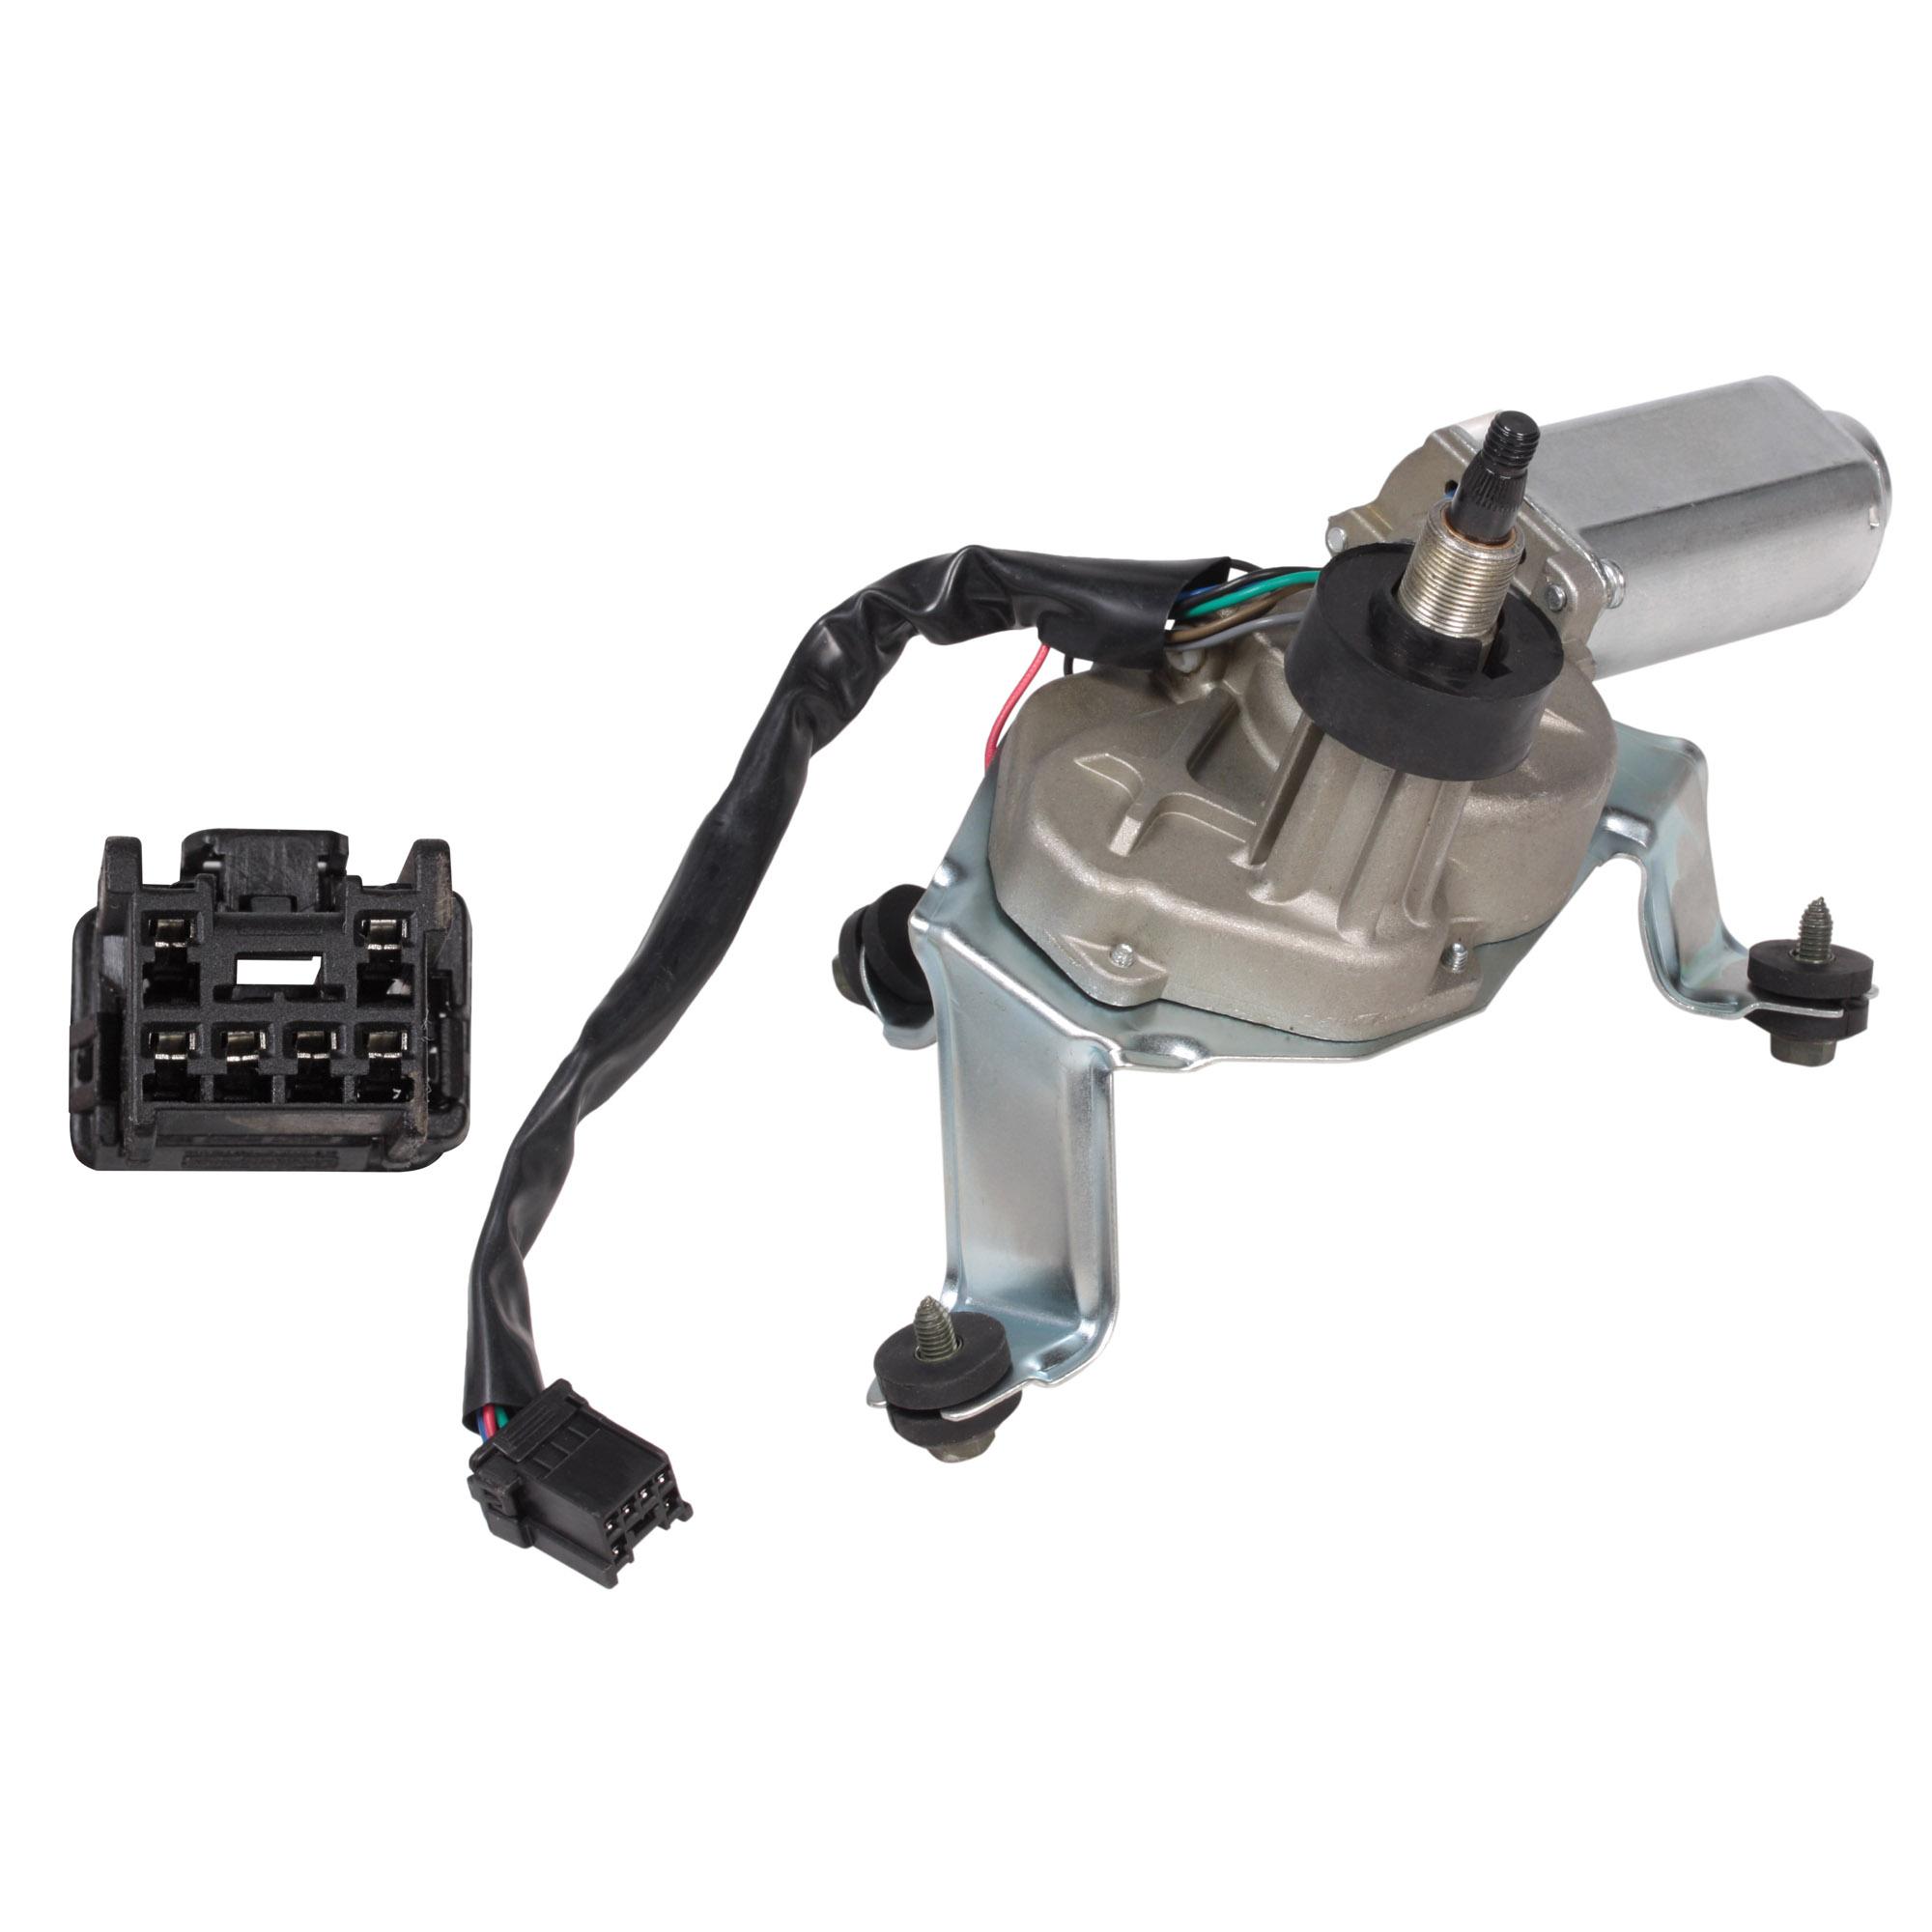 Моторедуктор стеклоочистителя задний для автомобилей Sorento (02-)/Sorento (06-) StartVolt фото